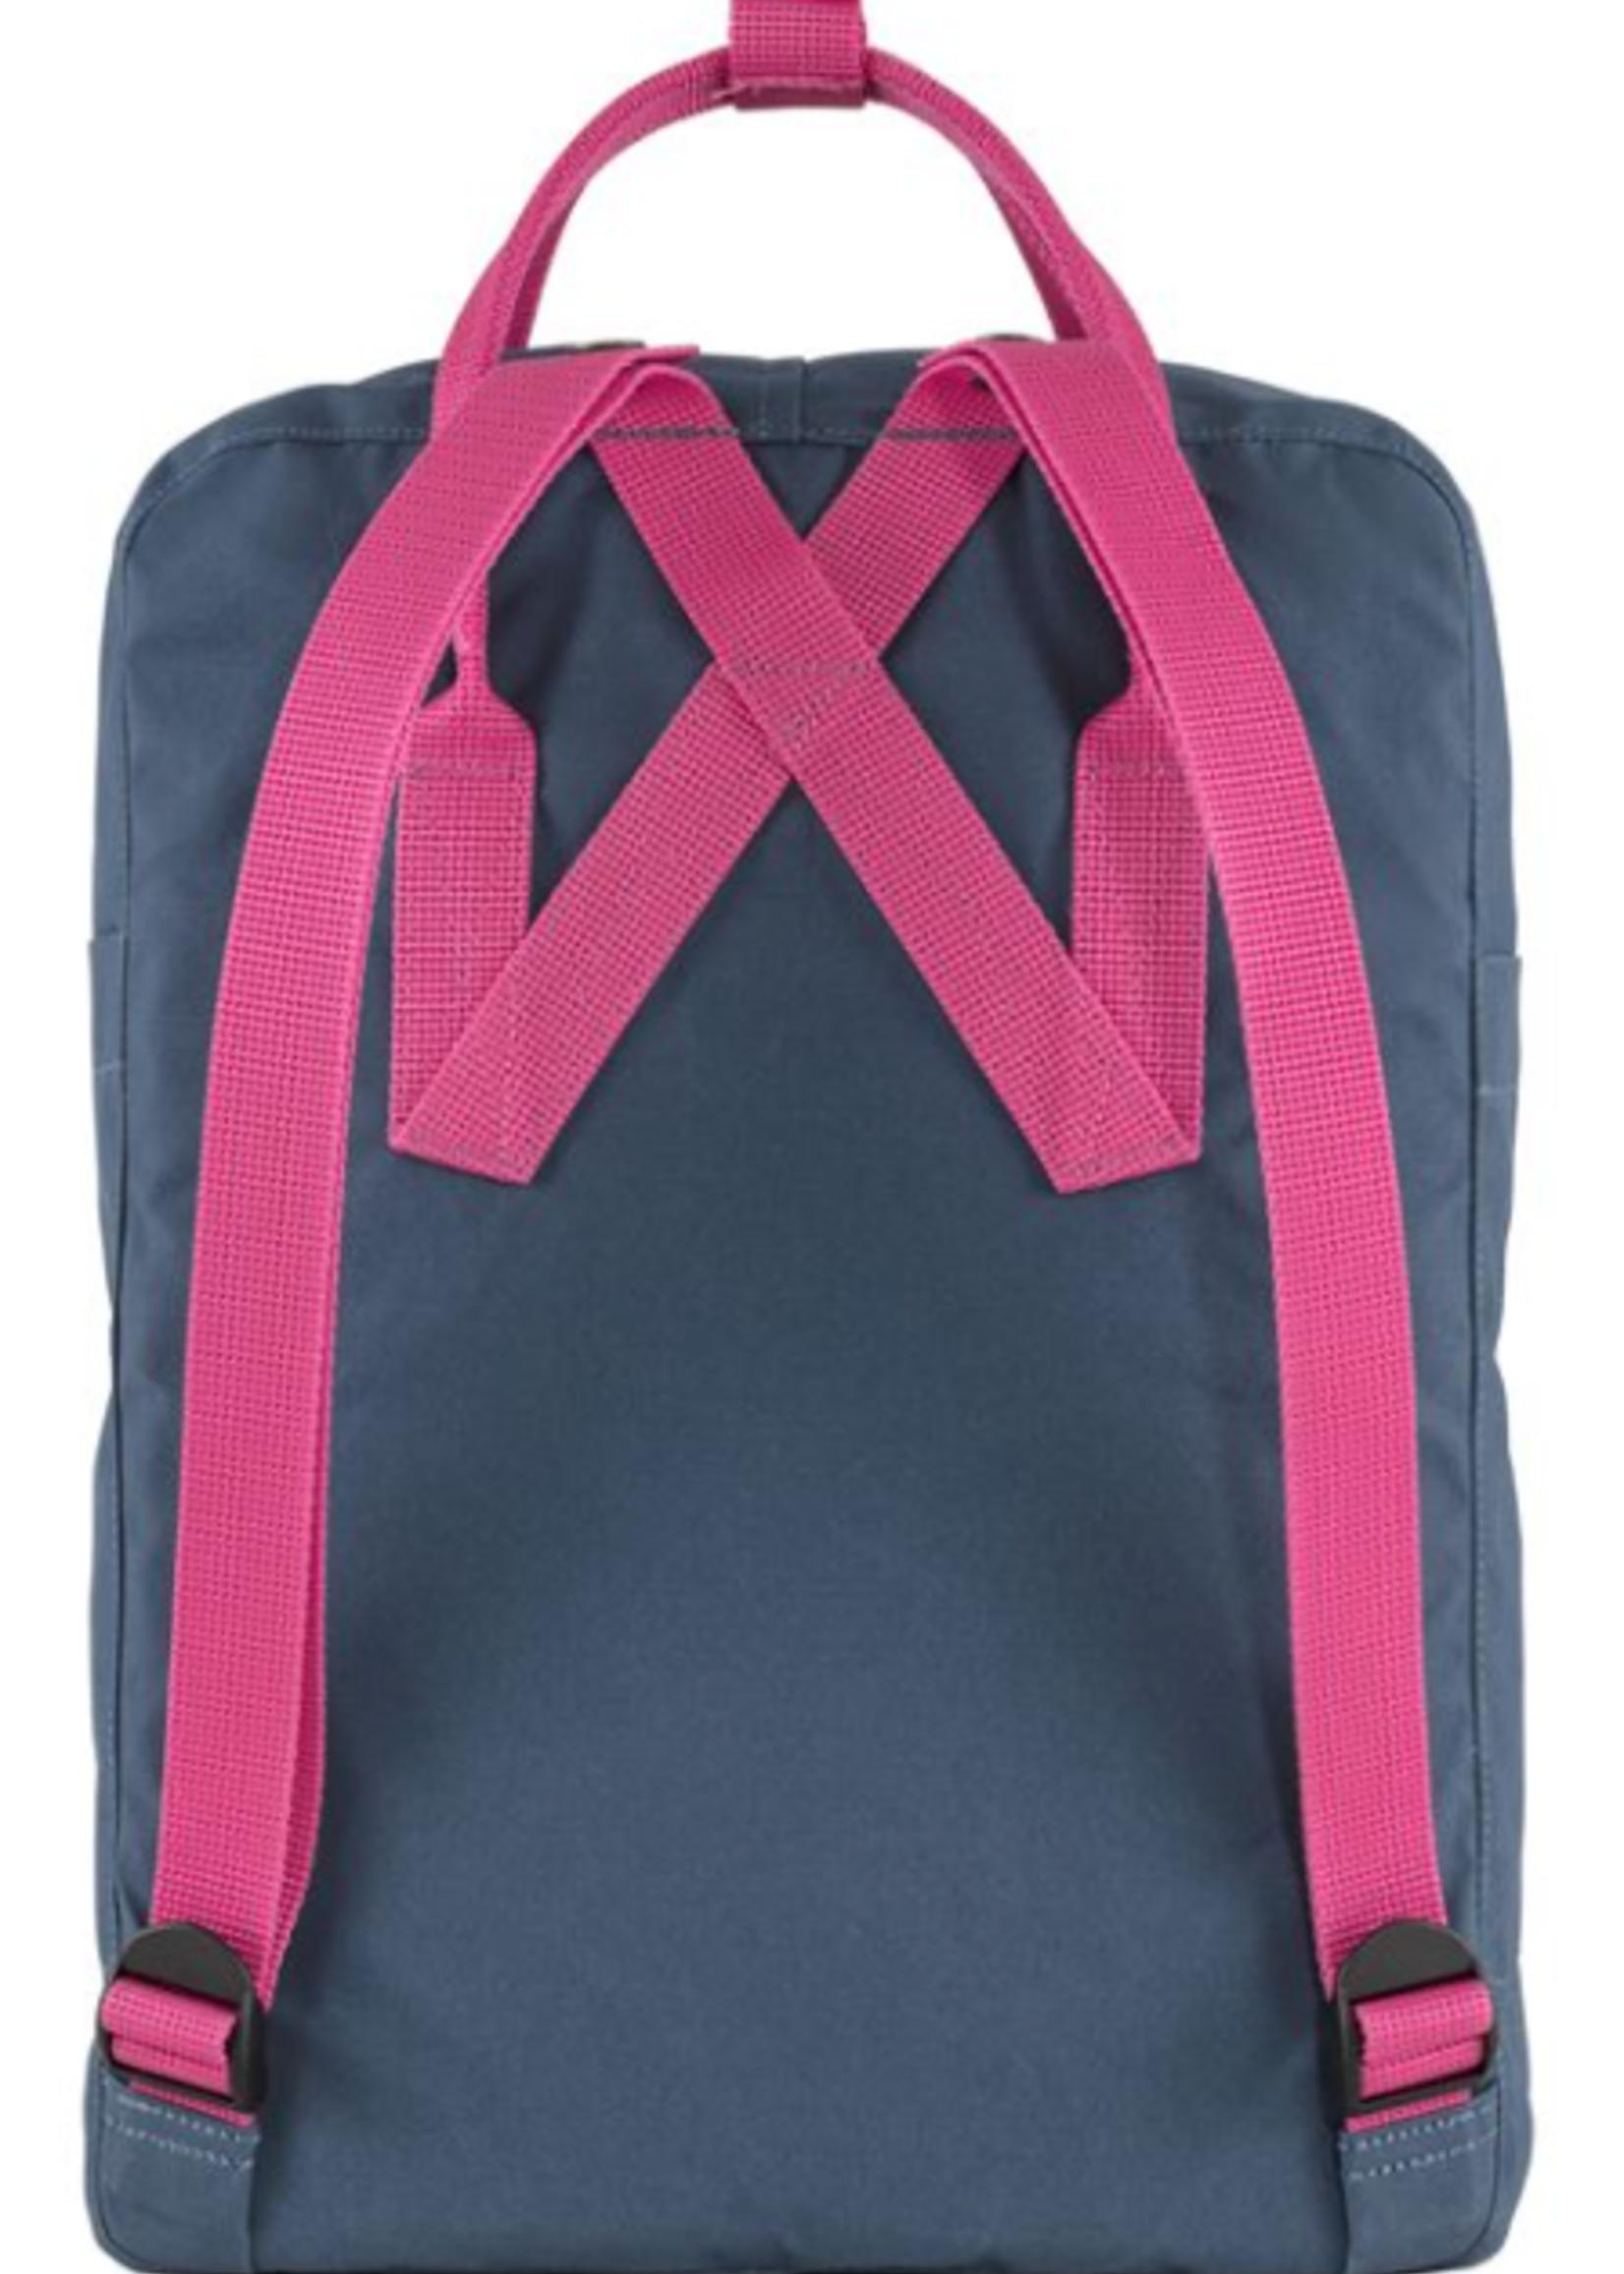 FJALL RAVEN Kanken Backpack ROYAL BLUE - FLAMINGO PINK